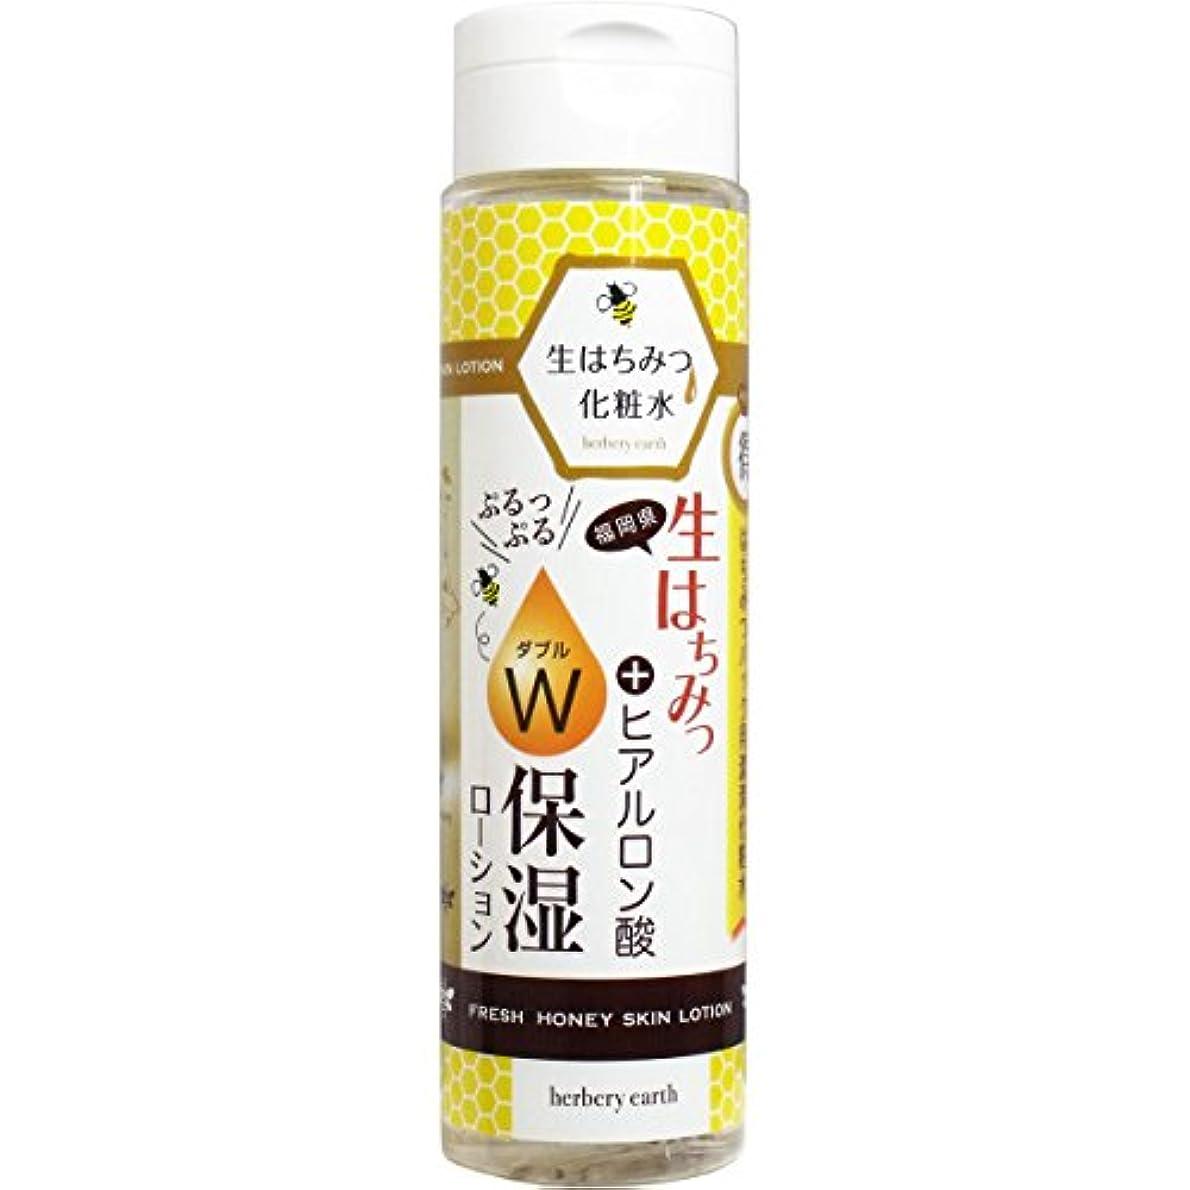 掃く戦争熟練した【セット品】生はちみつ化粧水 W保湿スキンローション (5個)